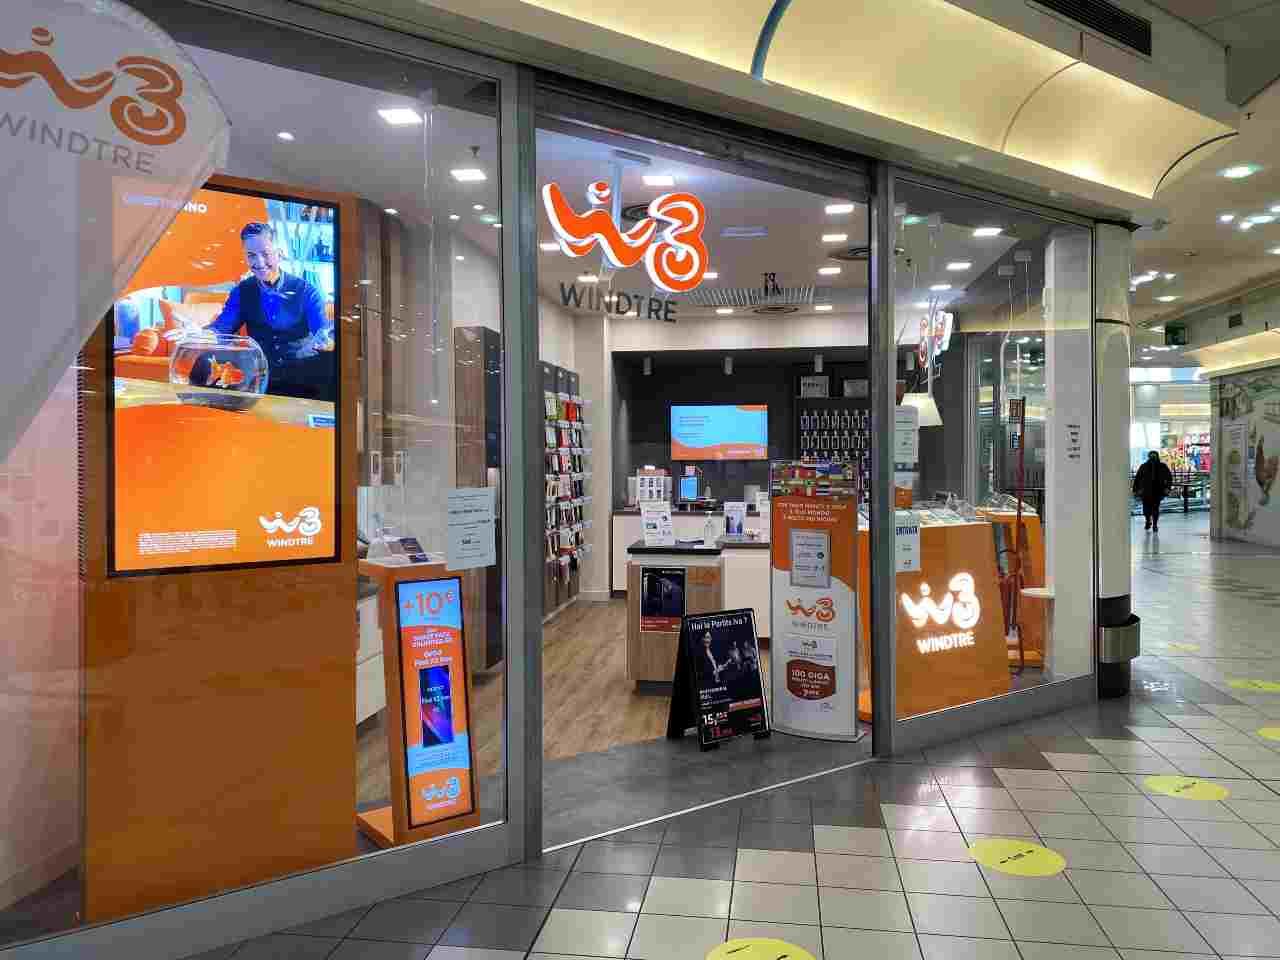 WindTre, azienda italiana del gruppo CK Hutchison Holdings operante nel settore delle telecomunicazioni (Adobe Stock)